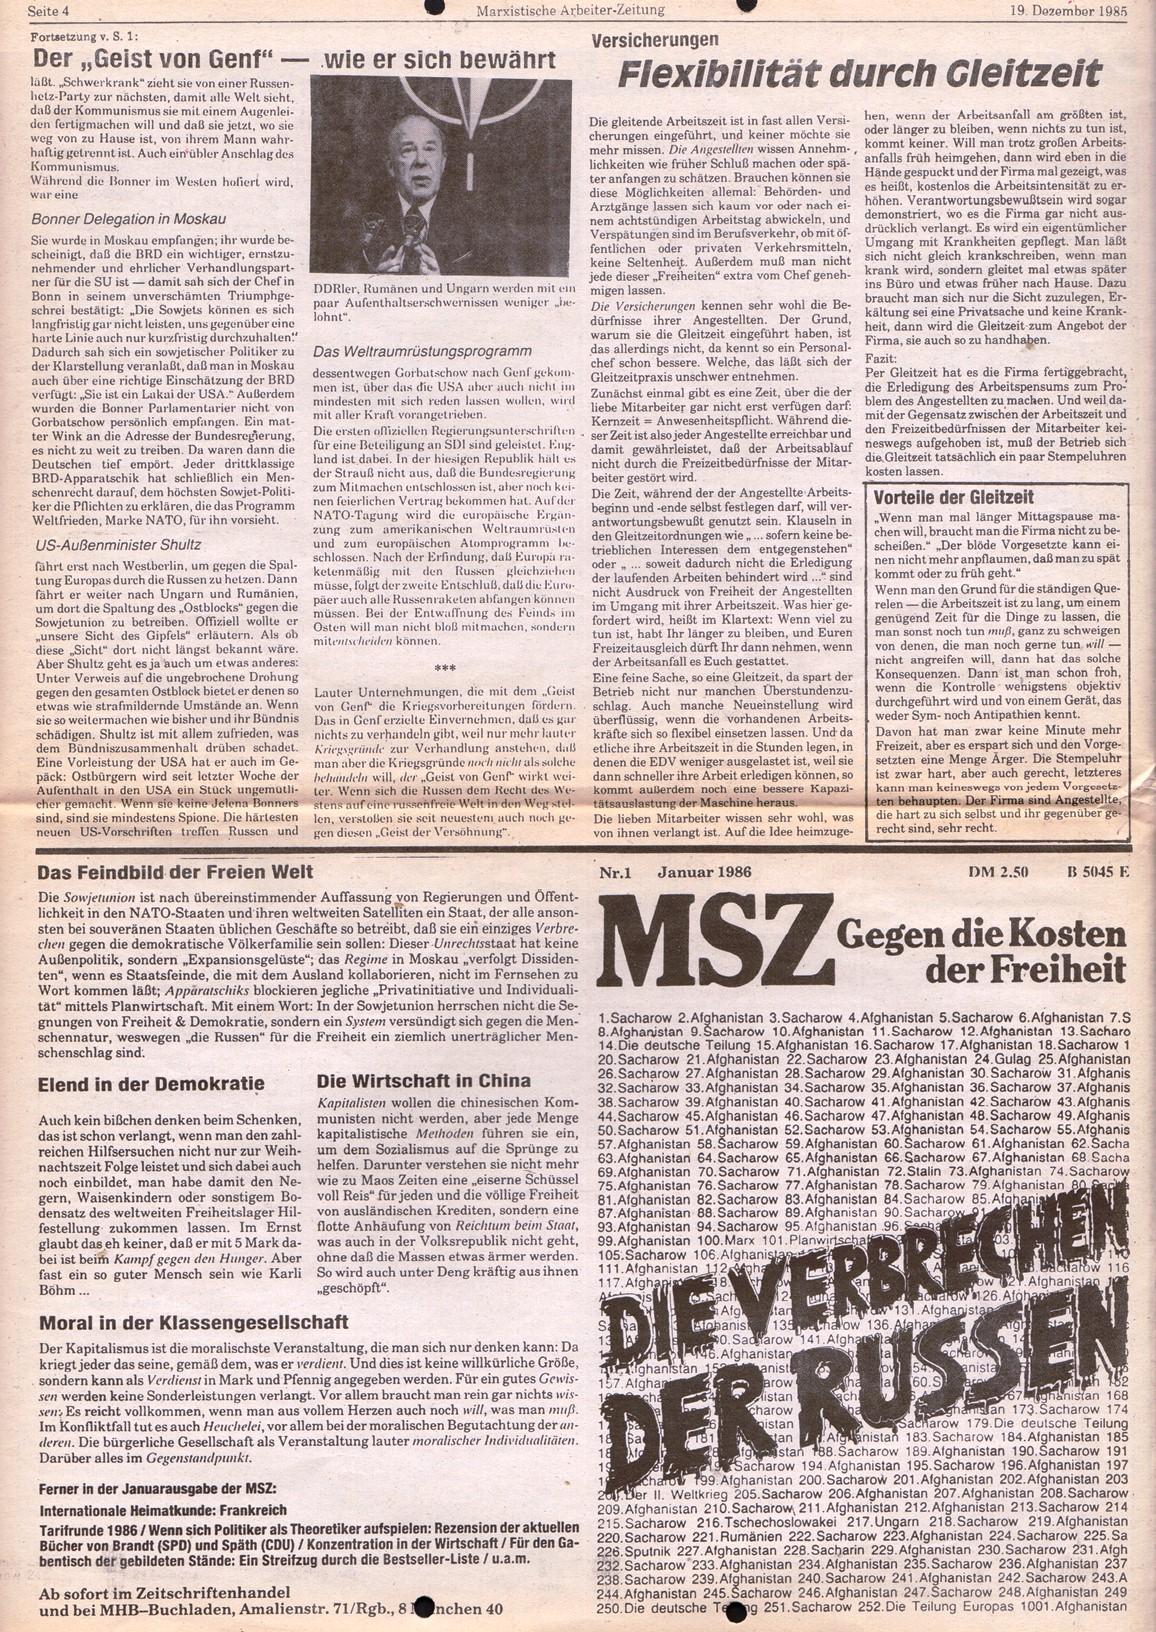 Muenchen_MG_MAZ_Versicherungen_19851219_04